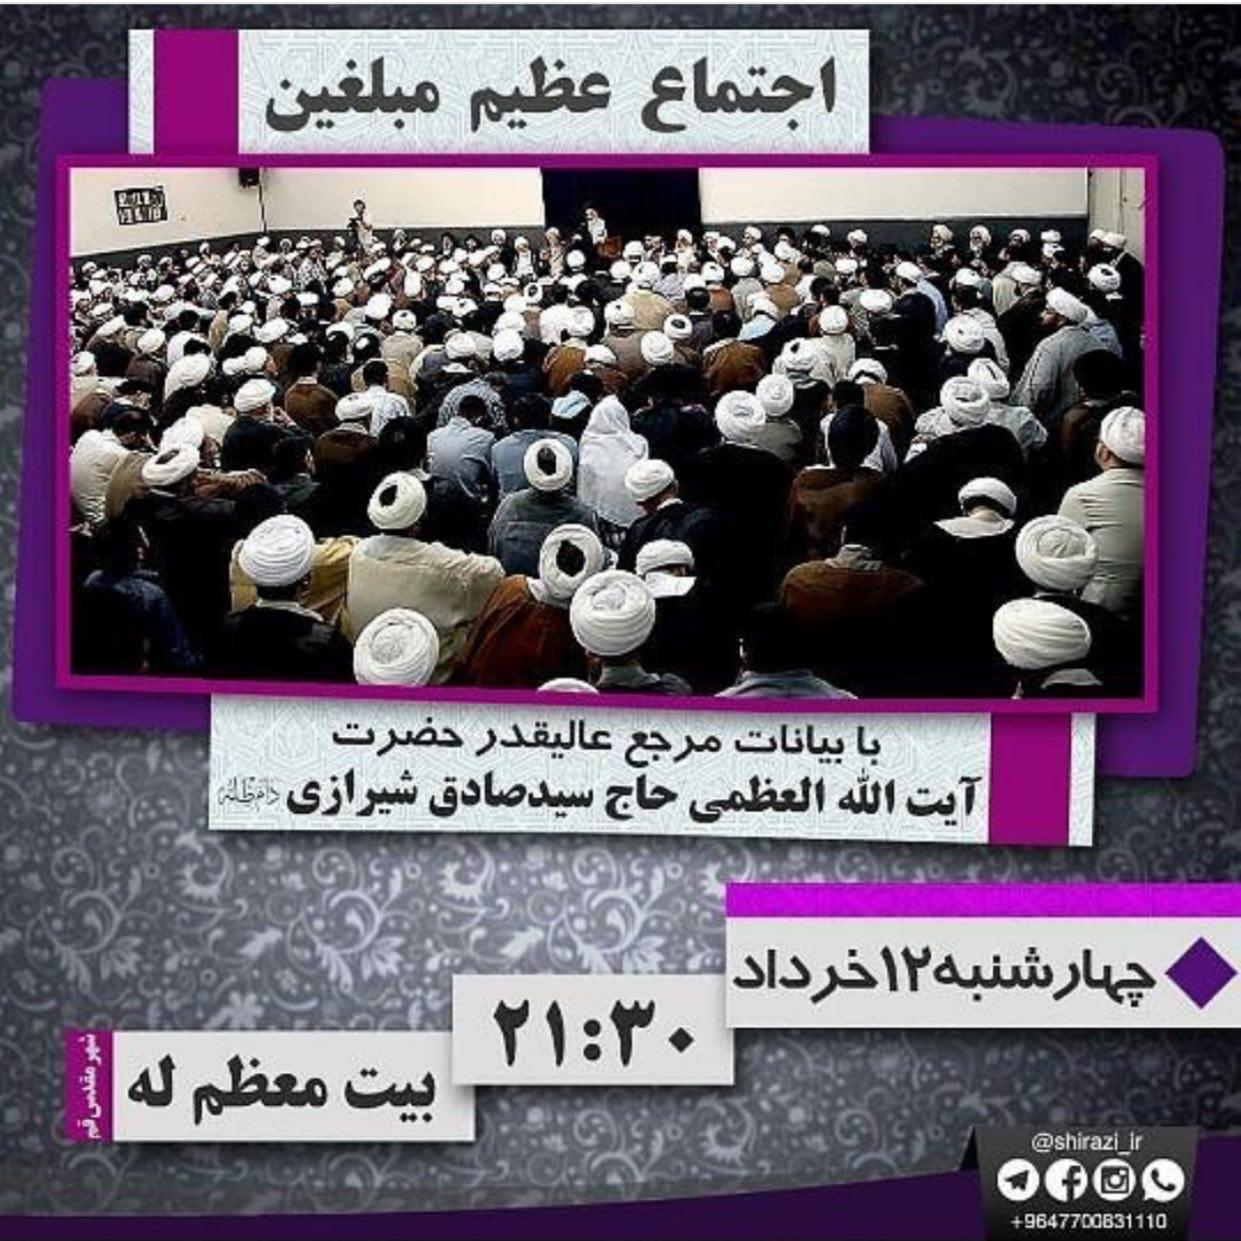 تصویر اجتماع عظيم مبلغين وطلاب علوم دينی در آستانه ماه رمضان عظيم